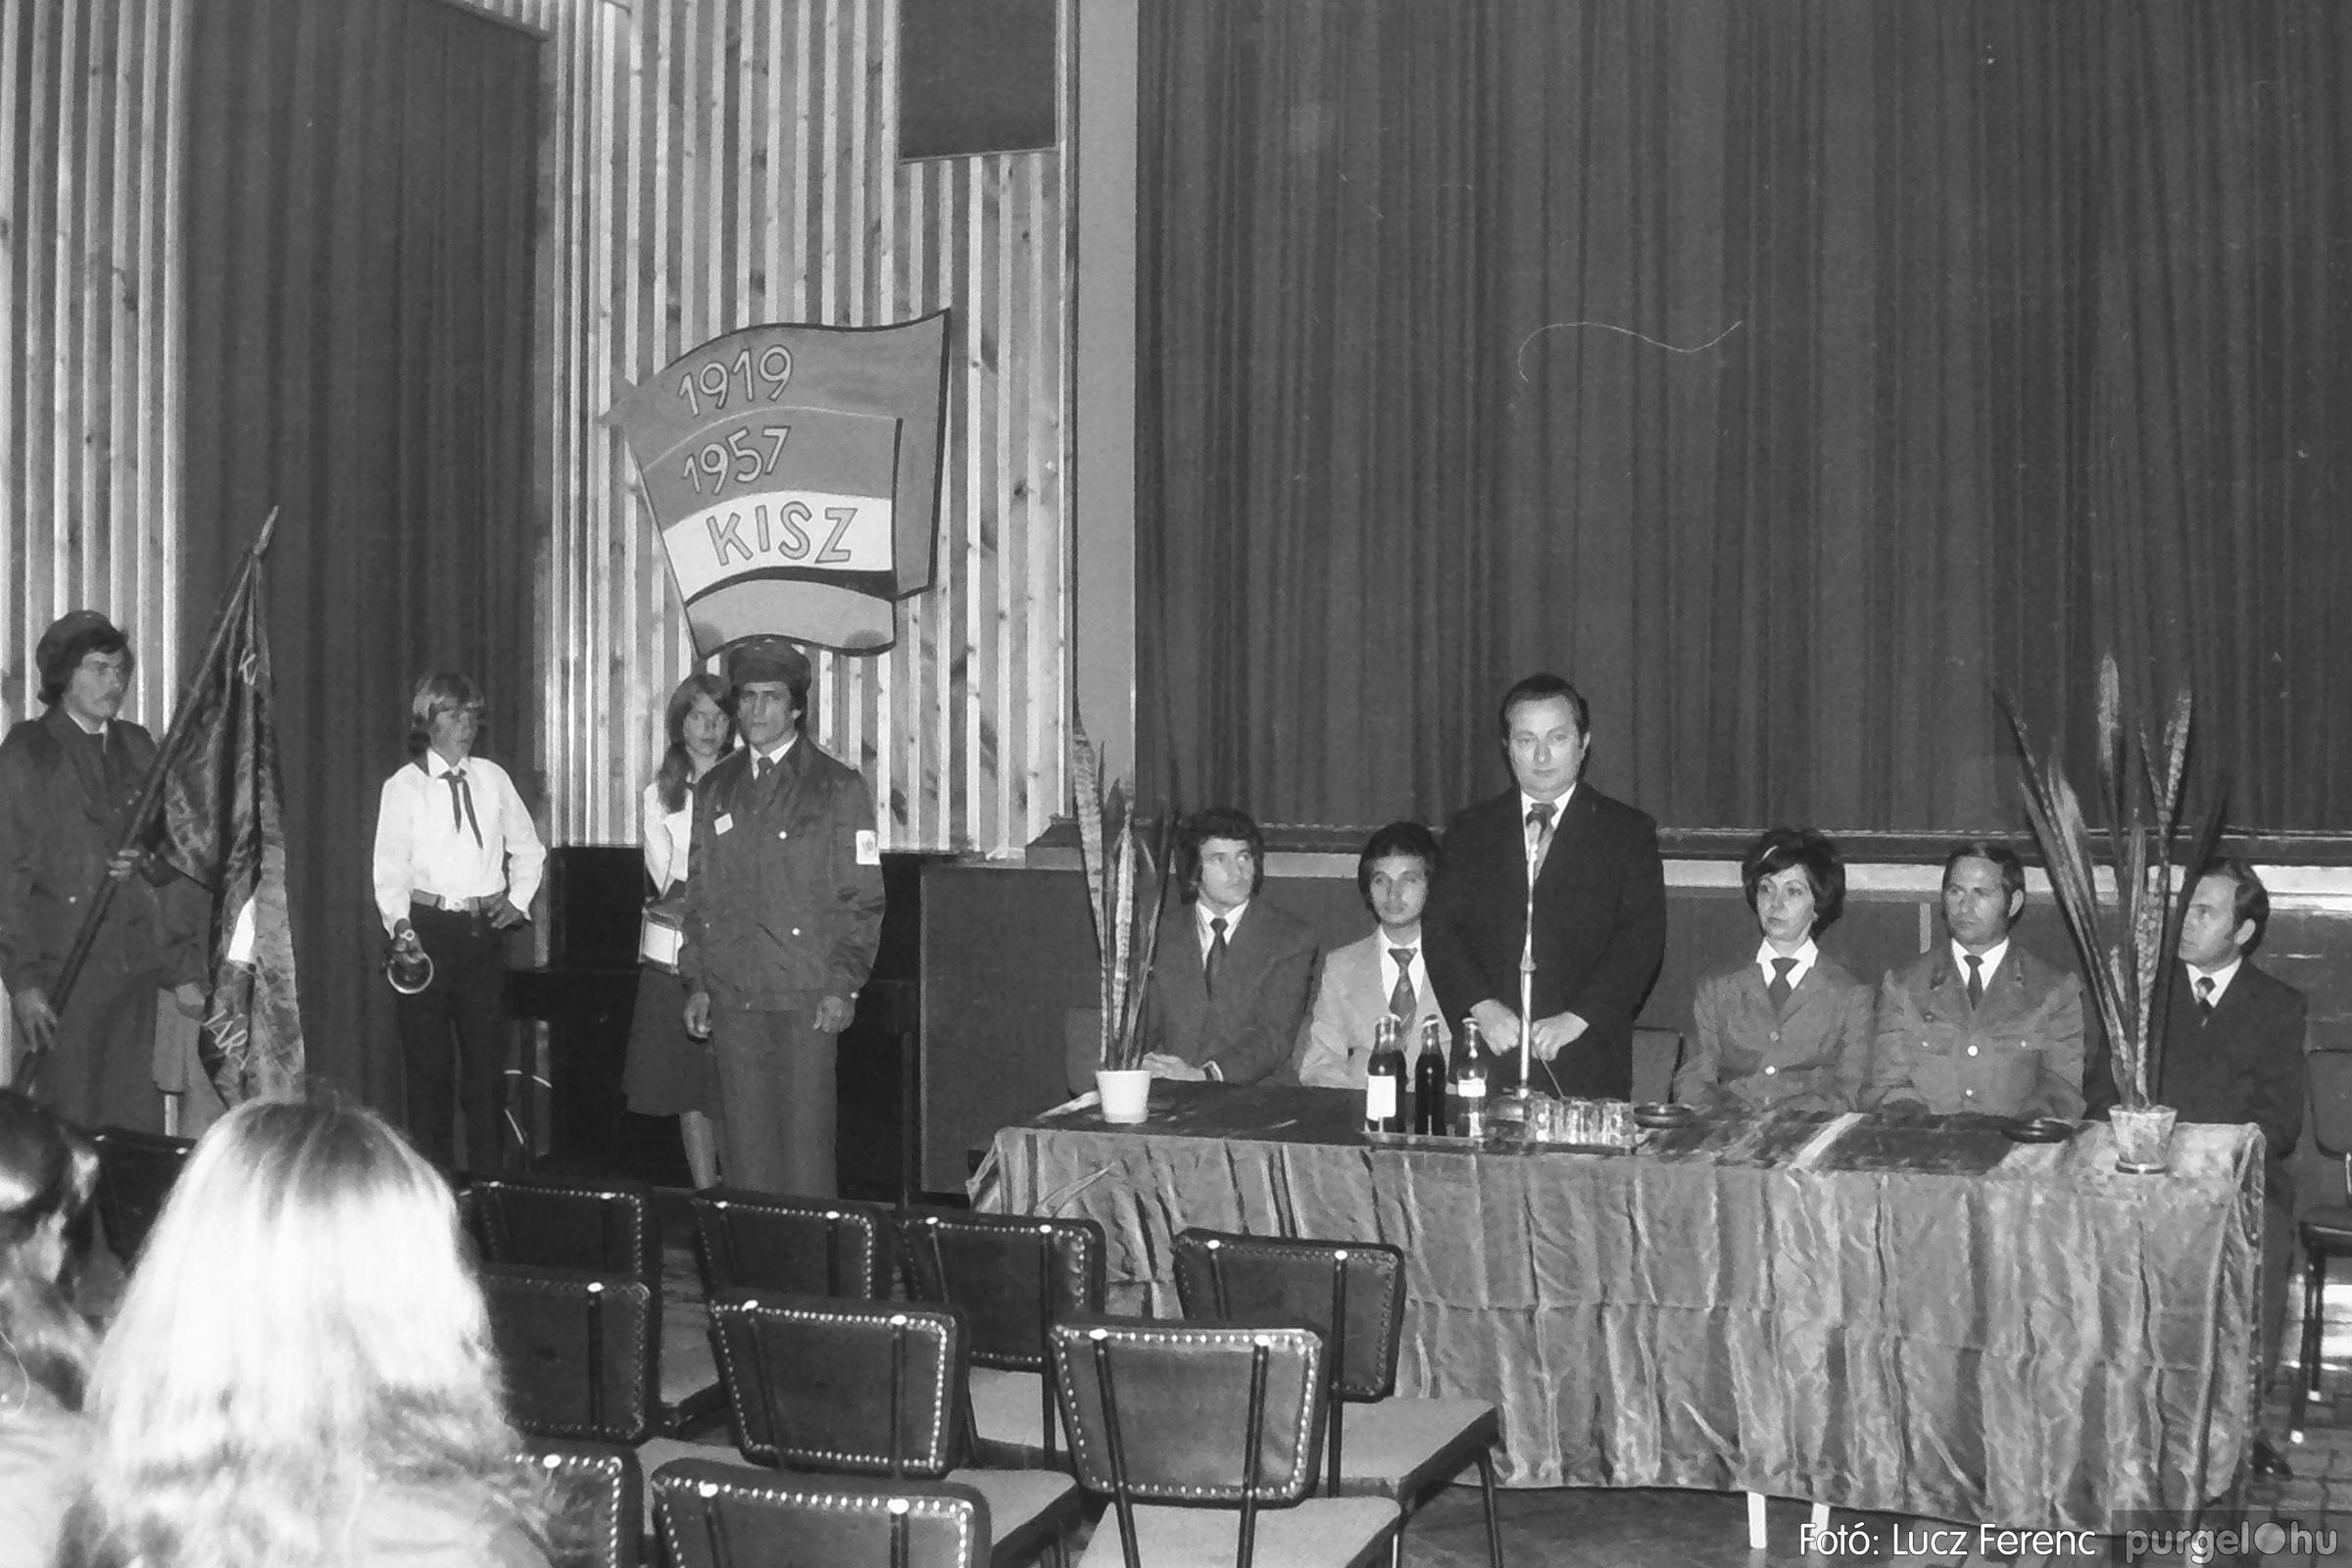 090. 1977. Úttörő gárda - ifjú gárda seregszemle 026. - Fotó: Lucz Ferenc.jpg